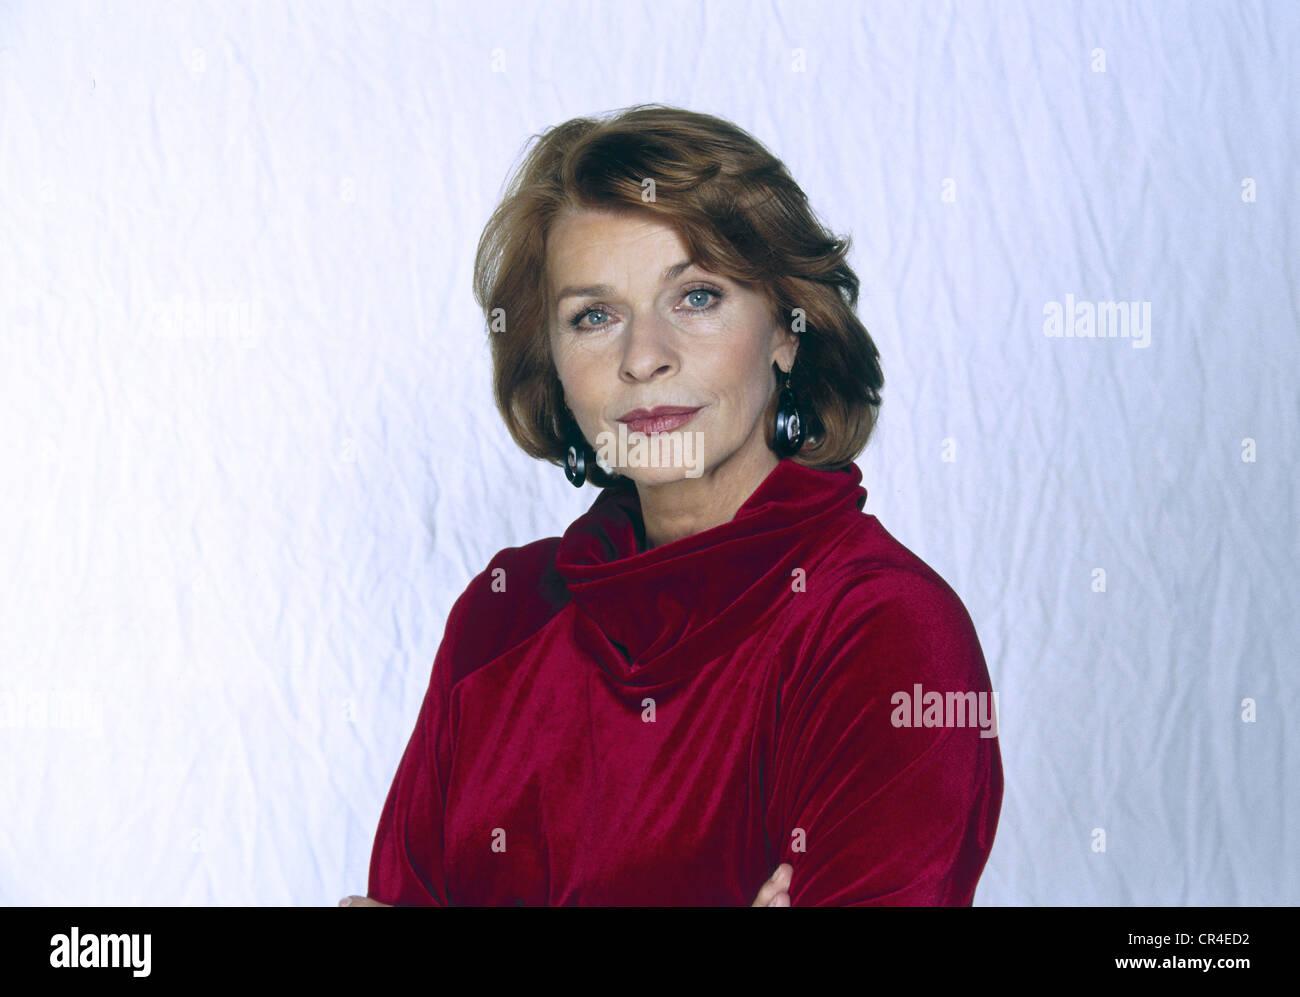 Berger, Senta, * 13.5.1941, actriz austriaca, retrato, 1998, Foto de stock